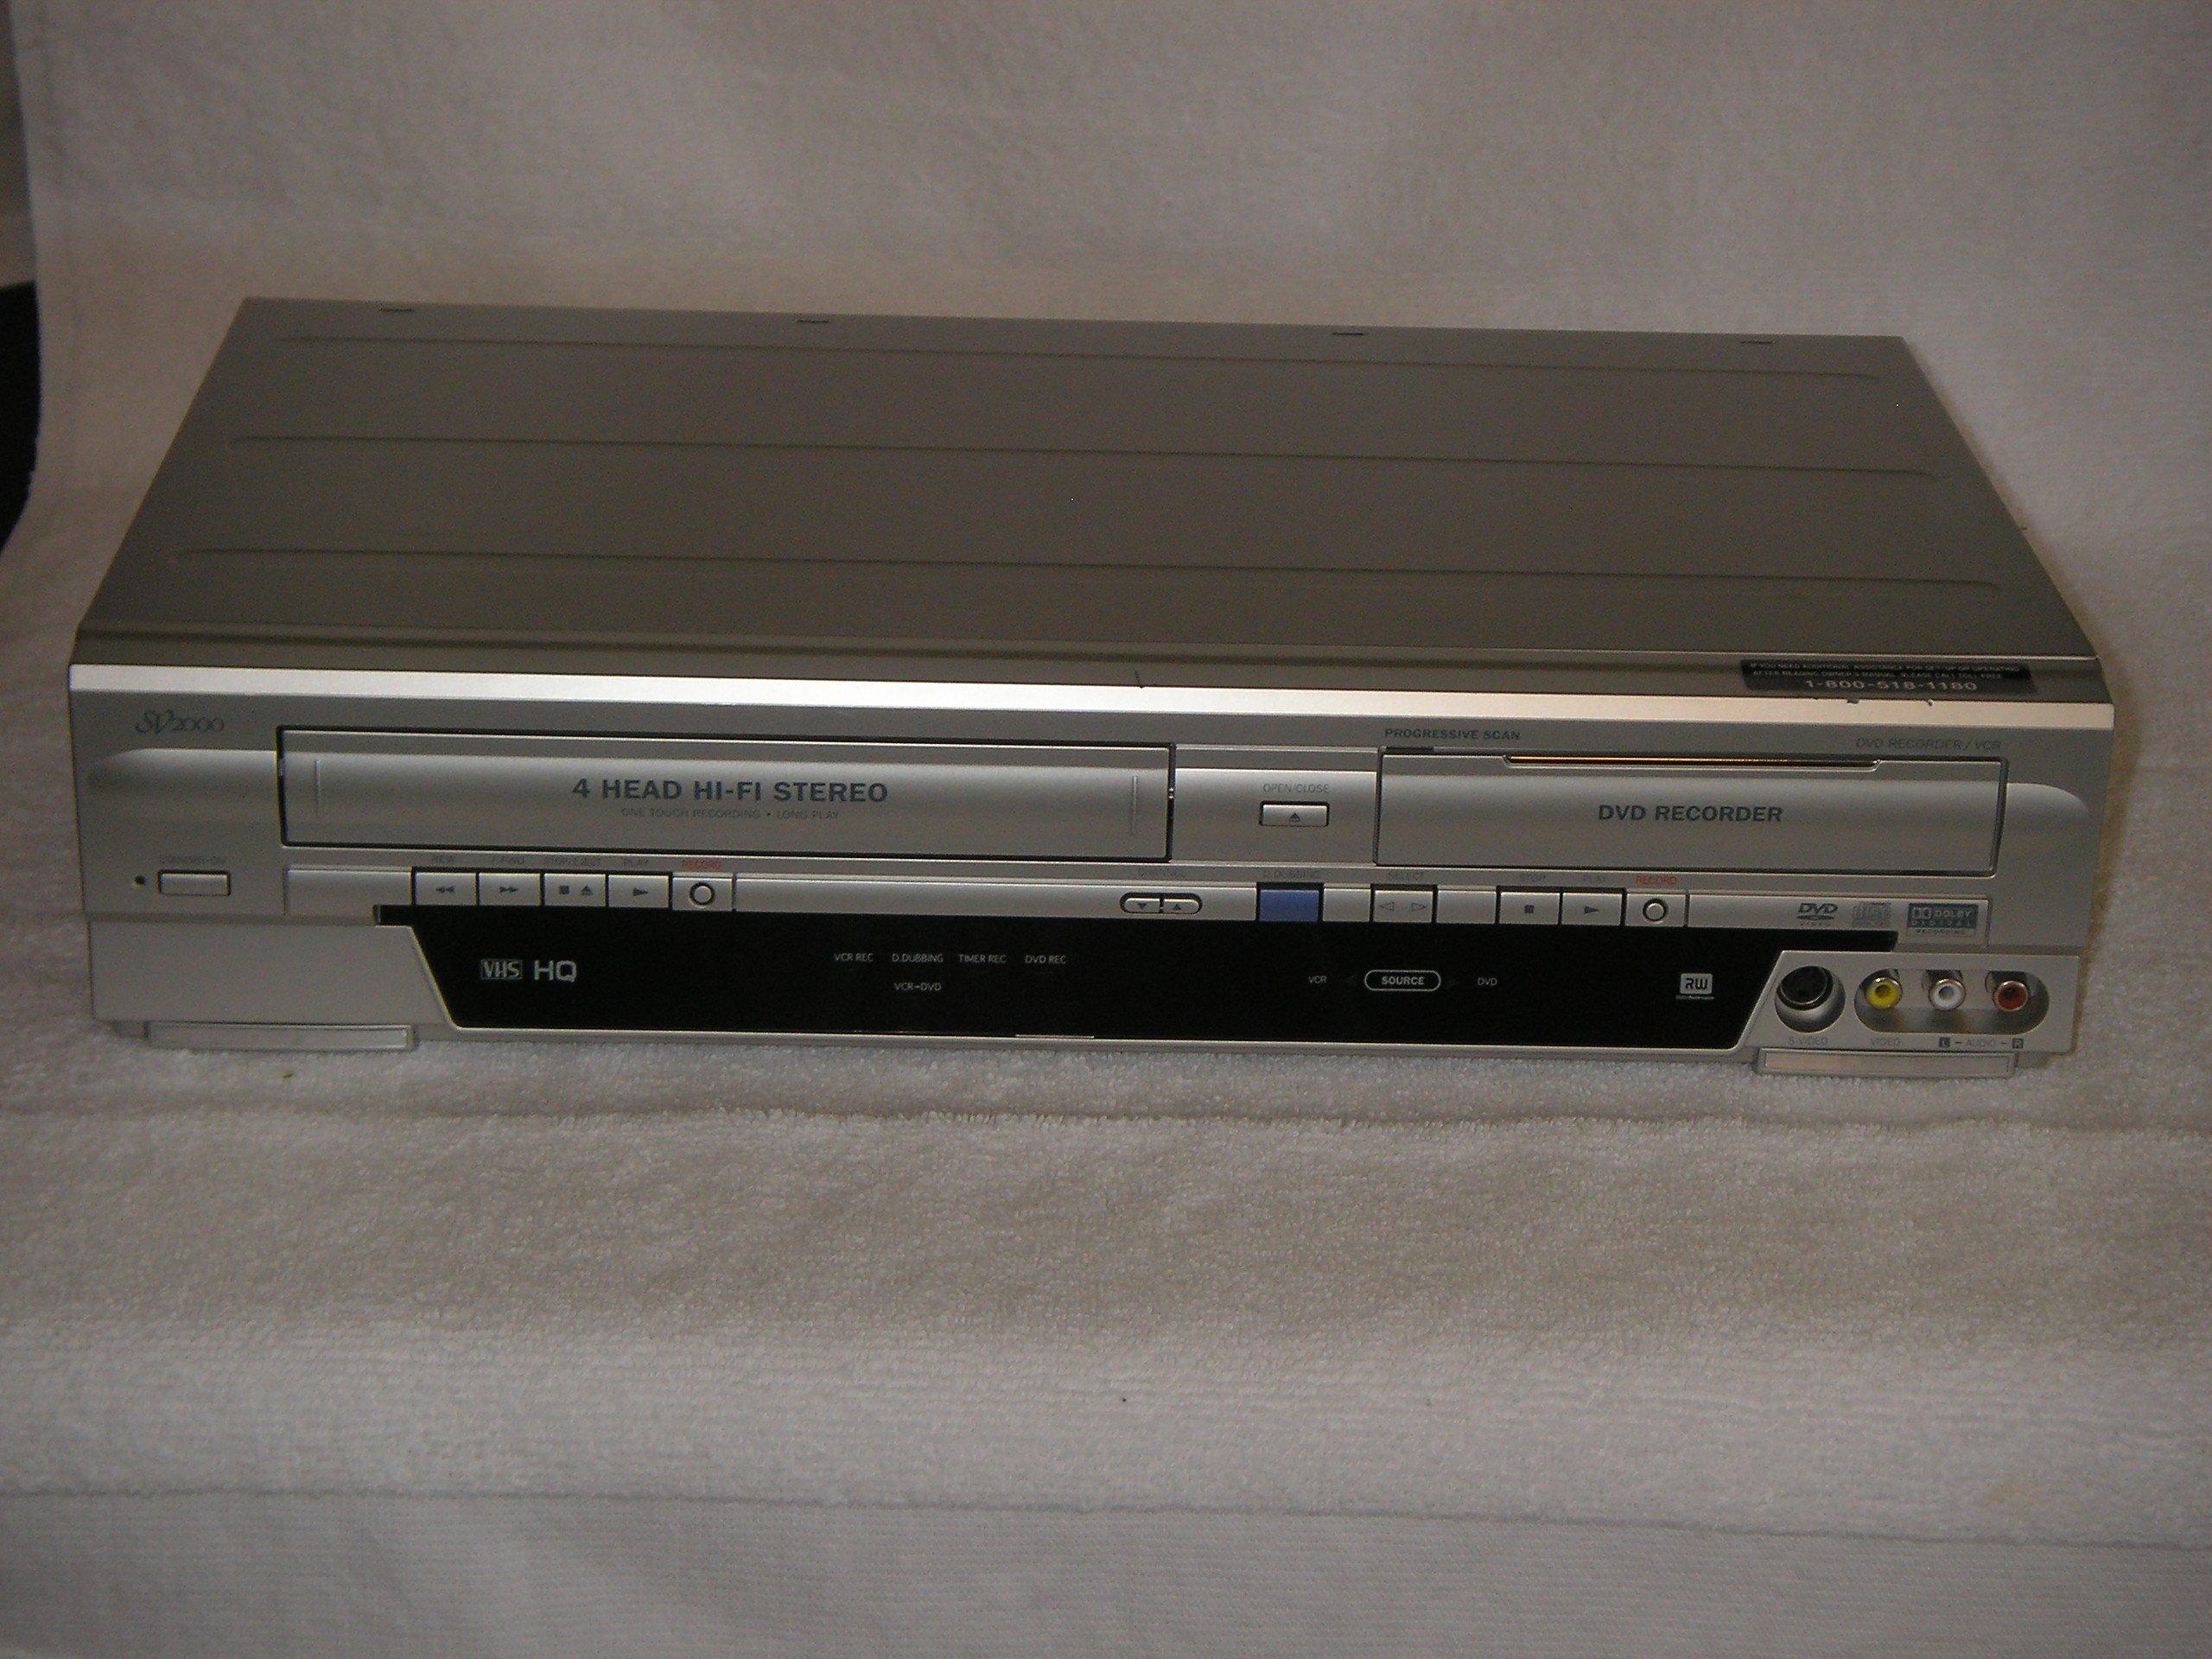 Funai WV20V6 SV2000 DVD Recorder and VCR Combo by Funai